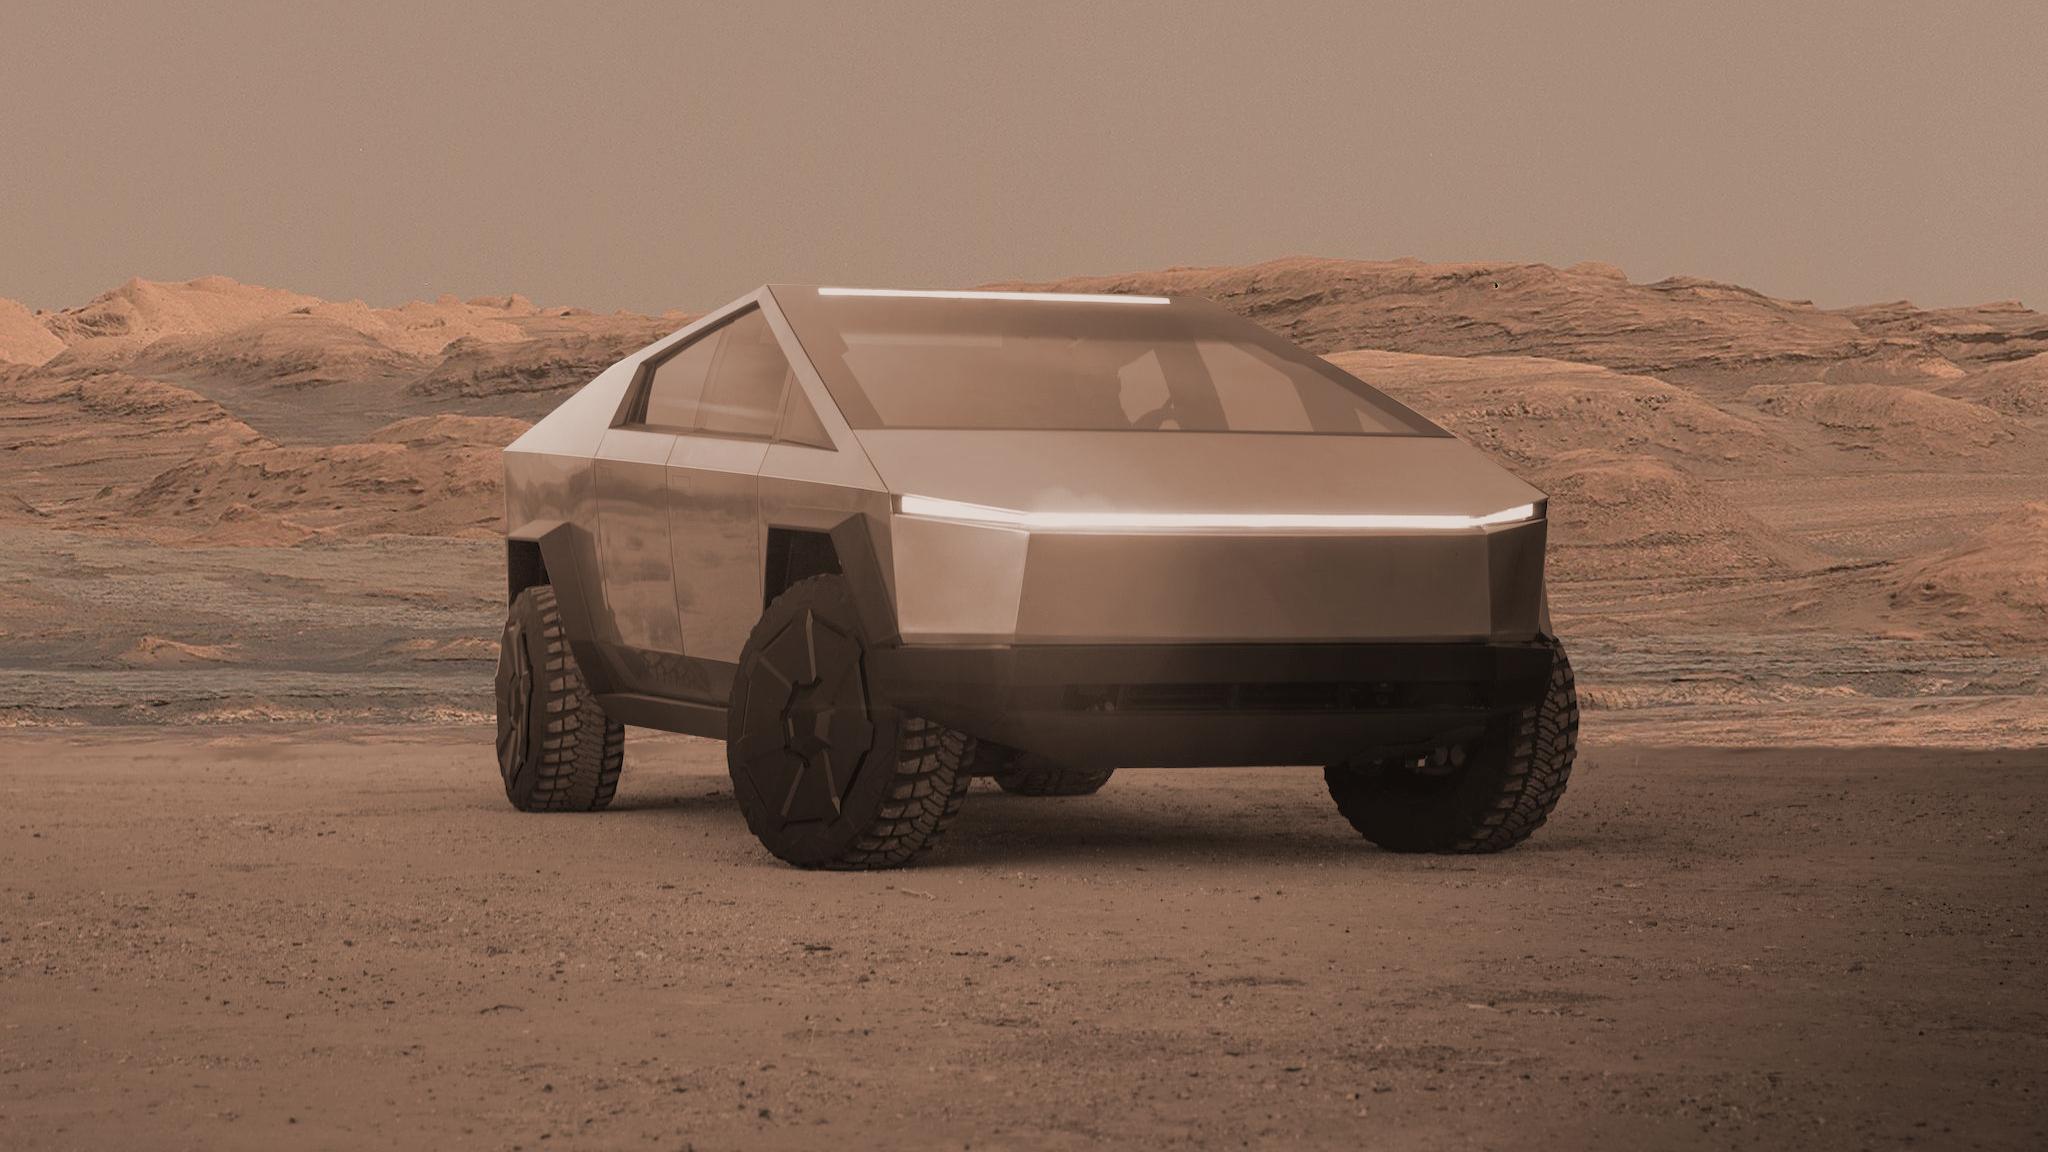 ملاقات با مریخی   سایبرتراک تسلا